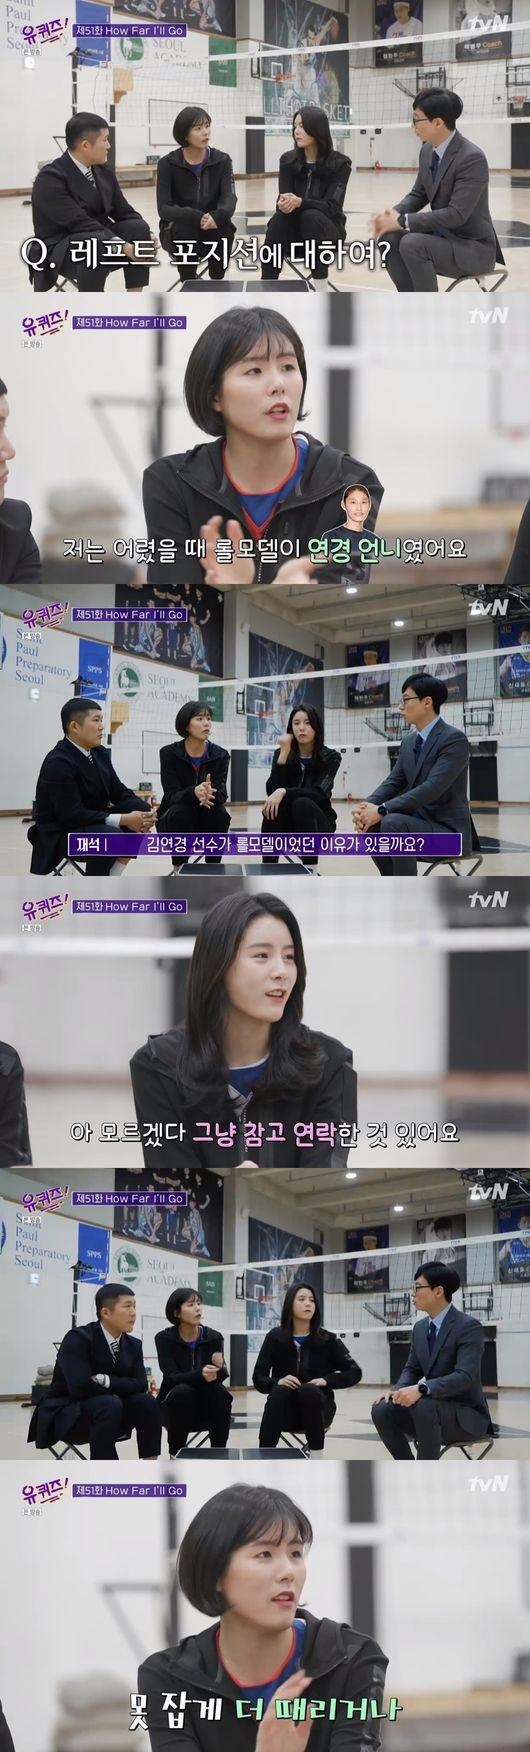 '유 퀴즈',이다 영, 이재영 외모 삭제 논란